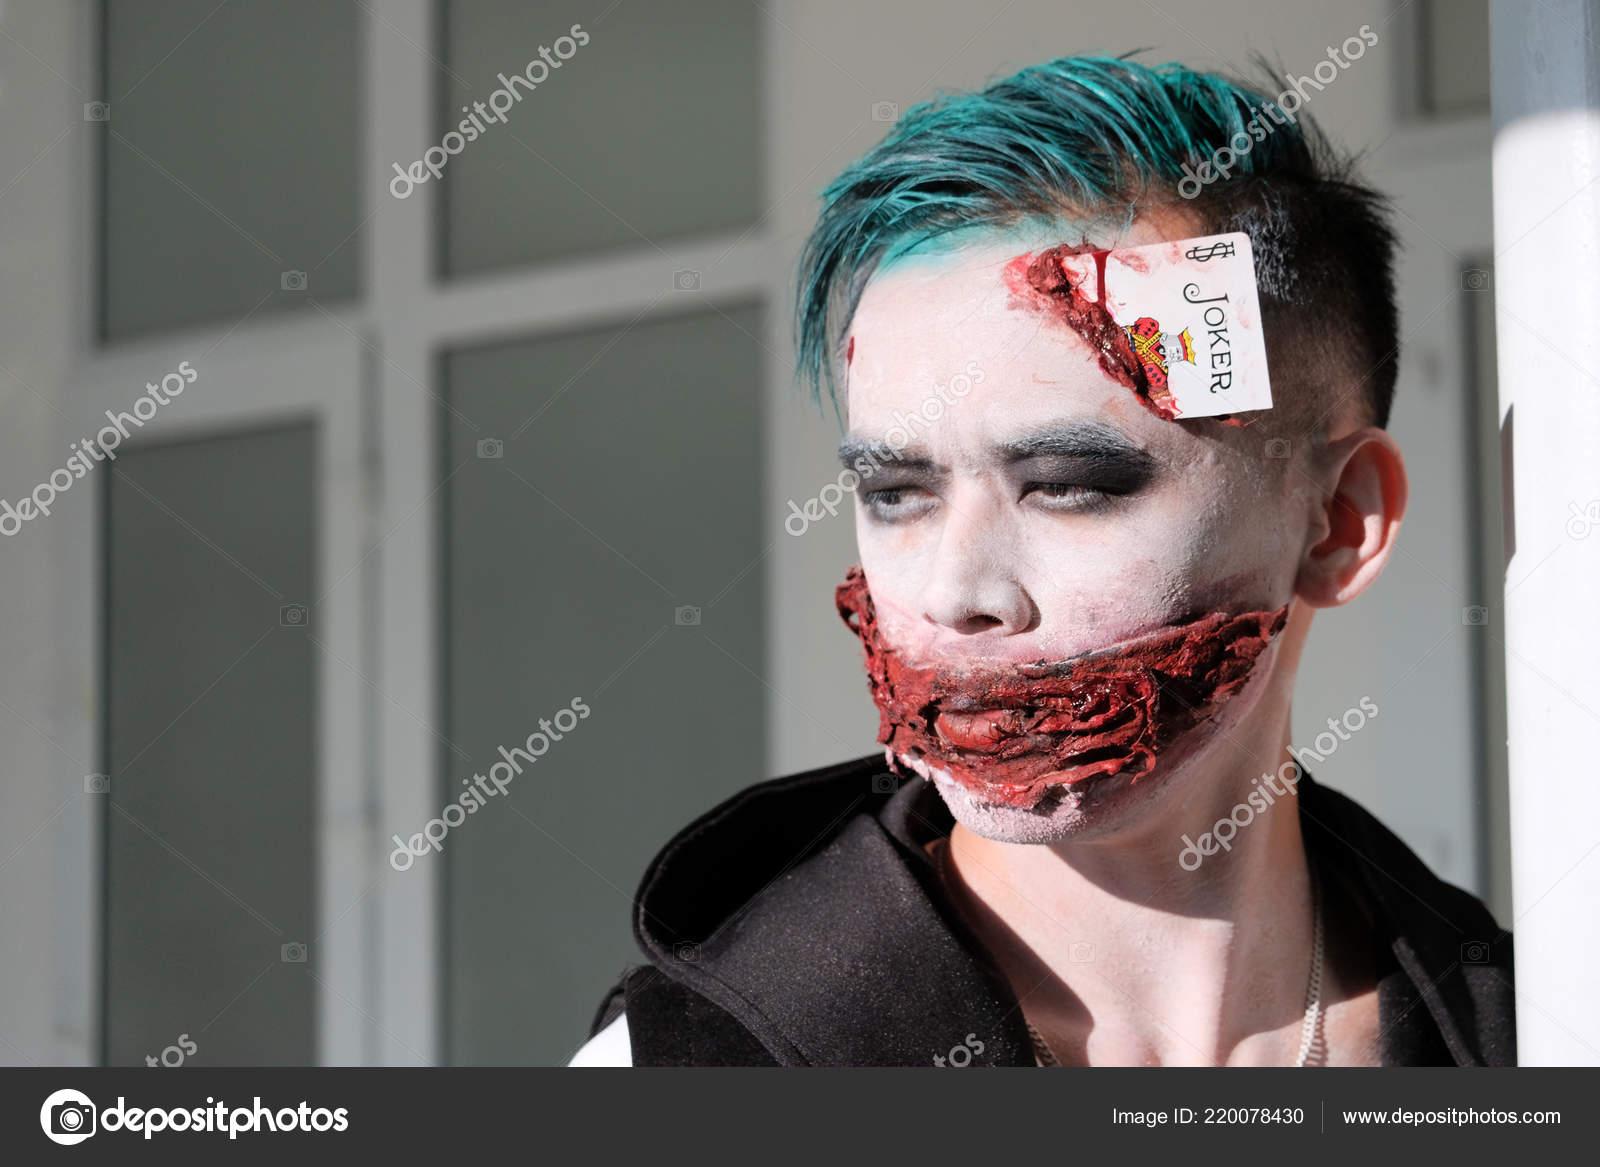 Trucchi Di Halloween Spaventosi.Trucco Stile Halloween Ritratto Ragazzo Sotto Forma Joker Spaventoso